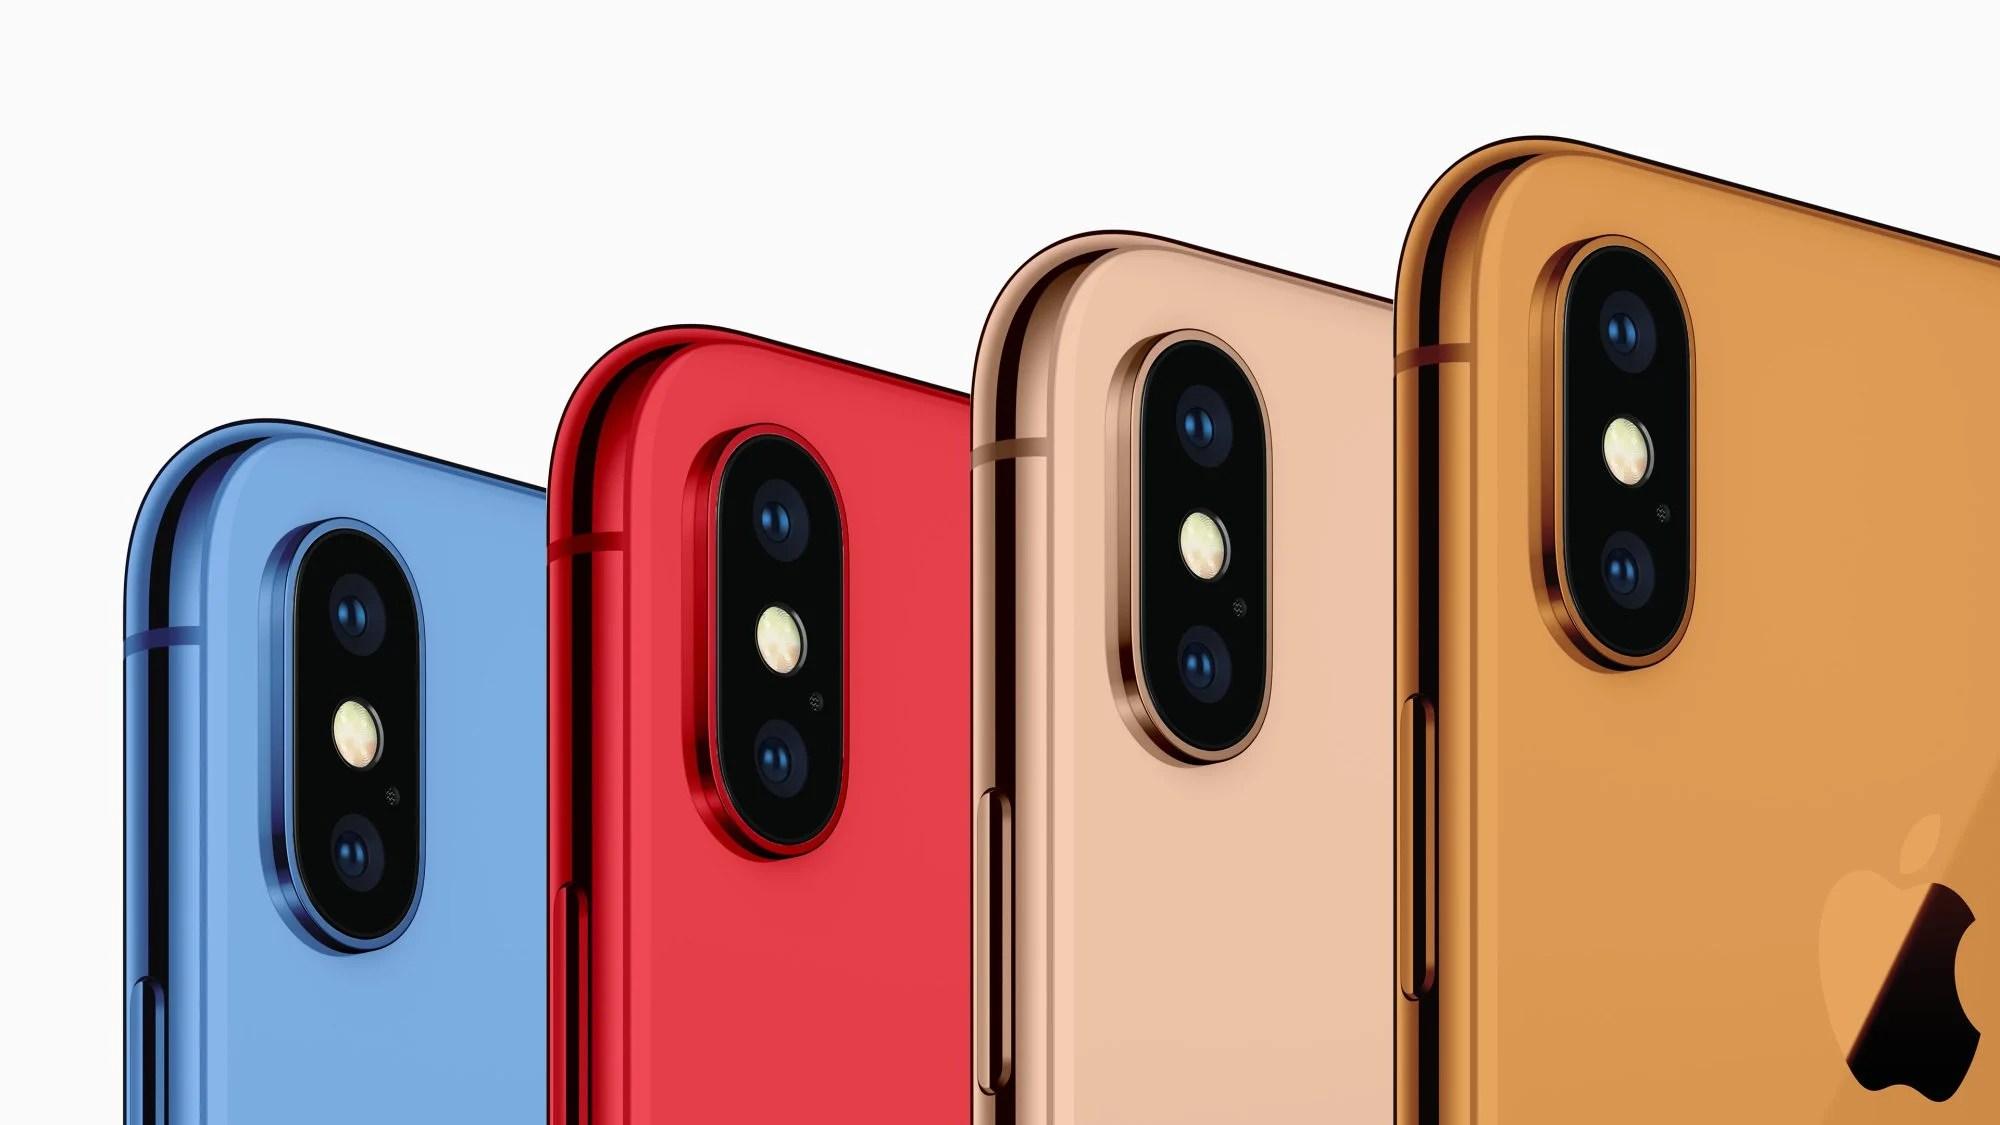 iPhone Xr : Apple révèle les 6 coloris et capacités de stockage qui seront proposés